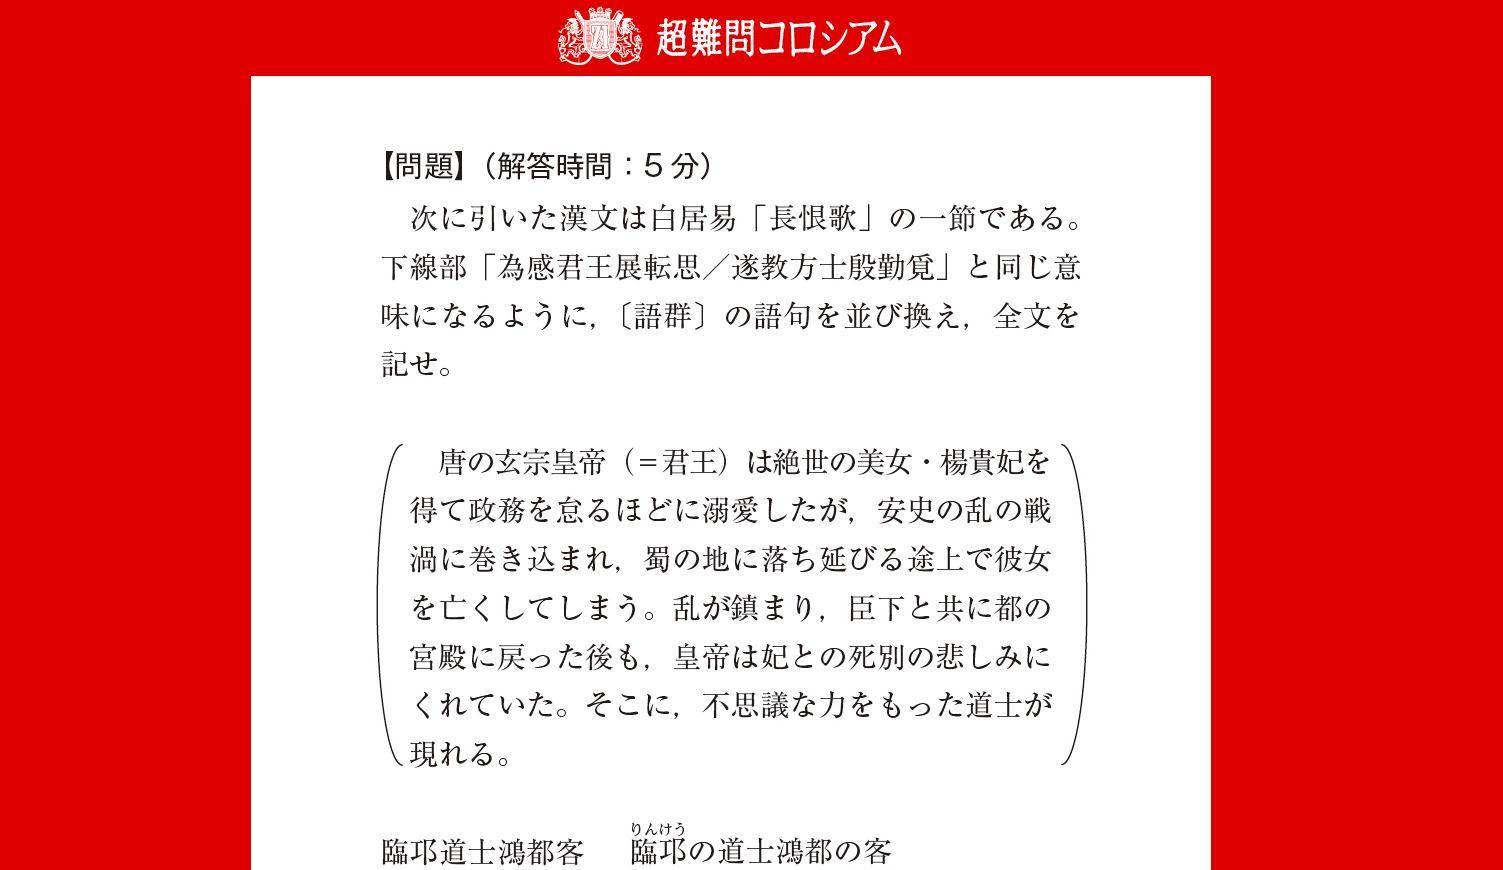 超難問コロシアム、筑駒チーム ...